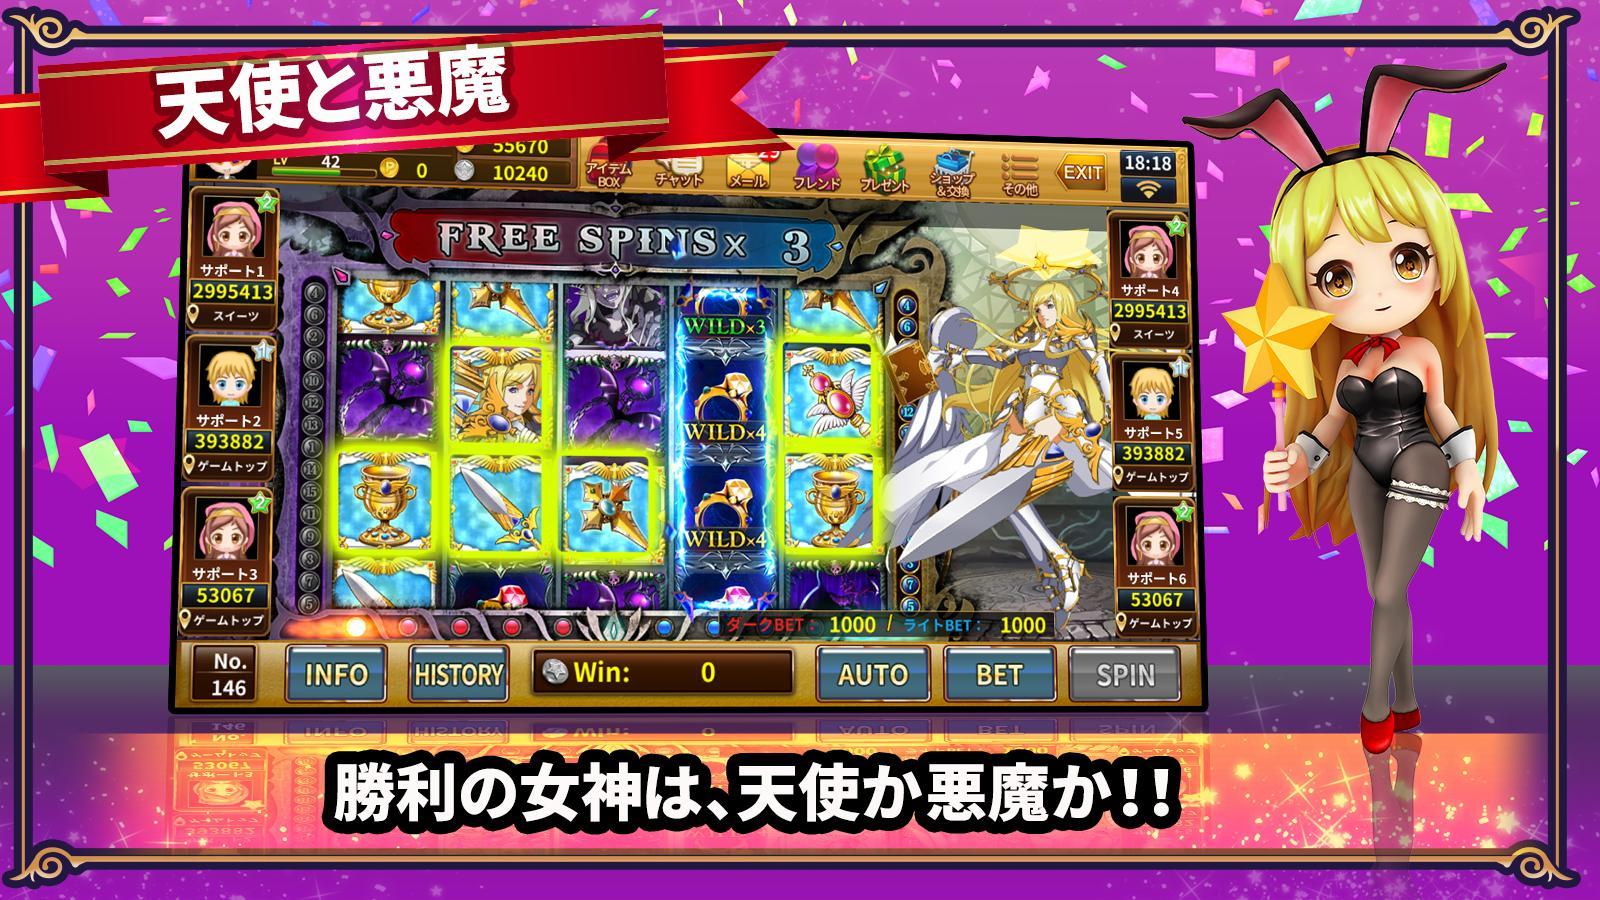 カジノ王国~無料カジノスロットゲーム~ 2.0 Screenshot 4